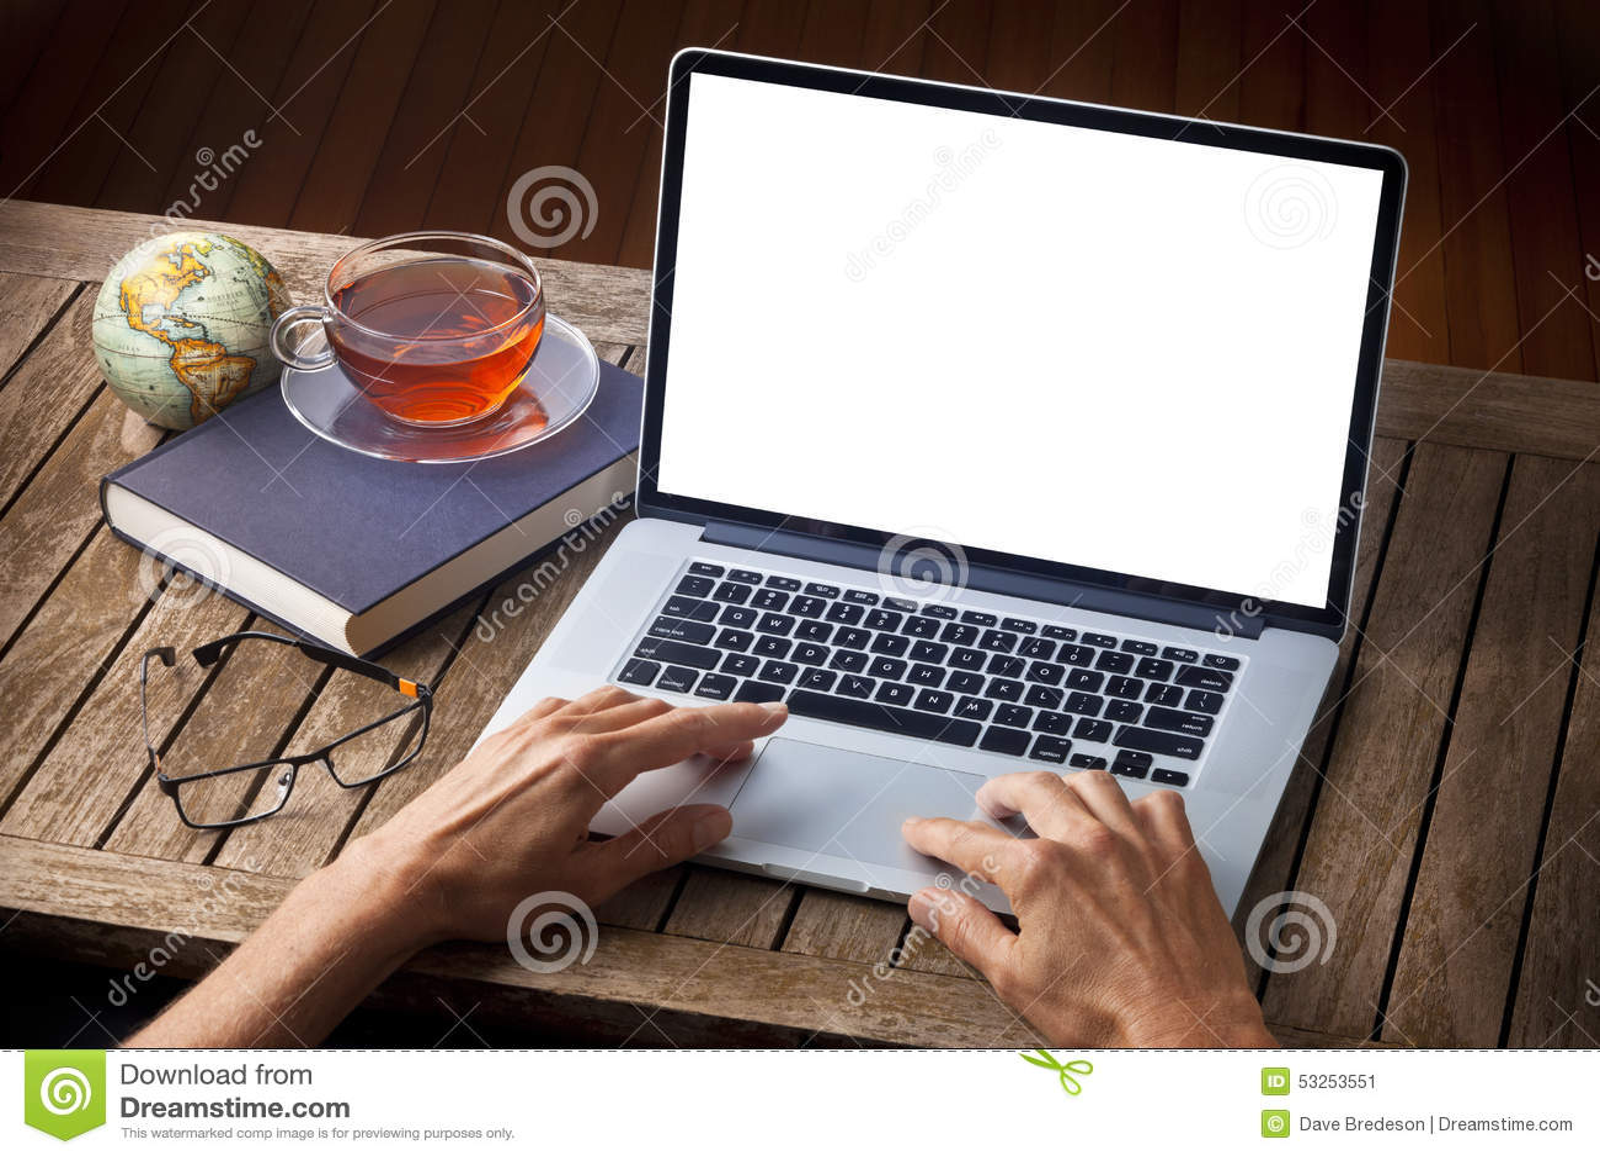 Hands Laptop Computer Desk